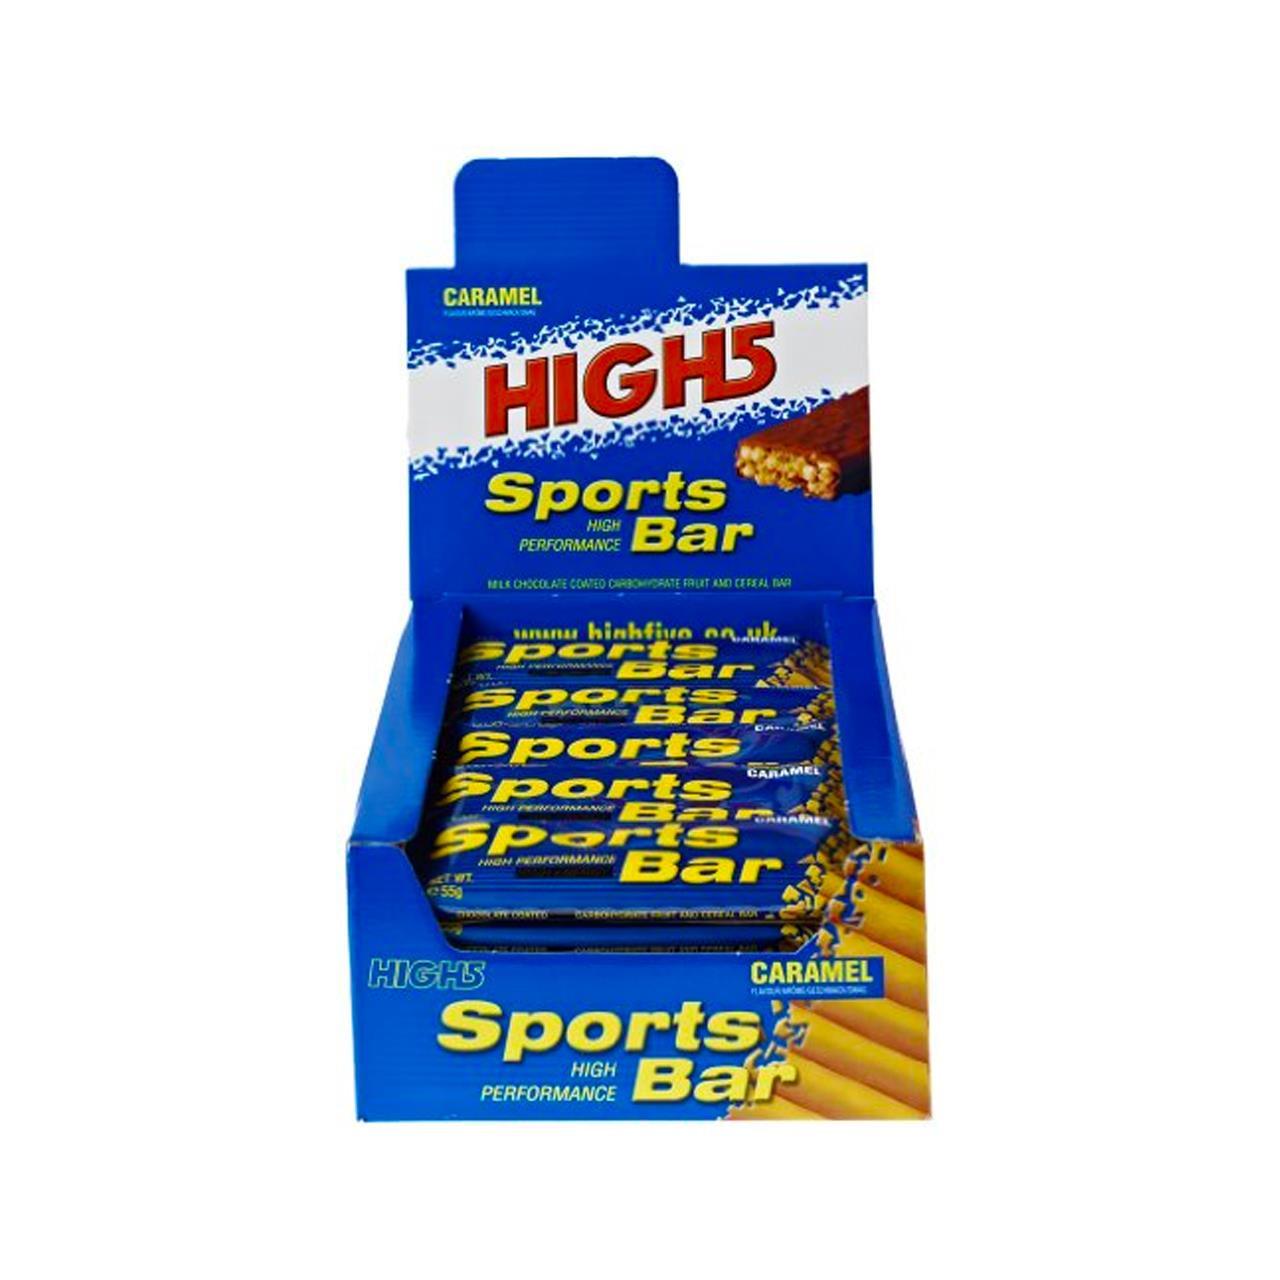 High 5 Sports Bar, 25 Pack (Caramel/Choc)